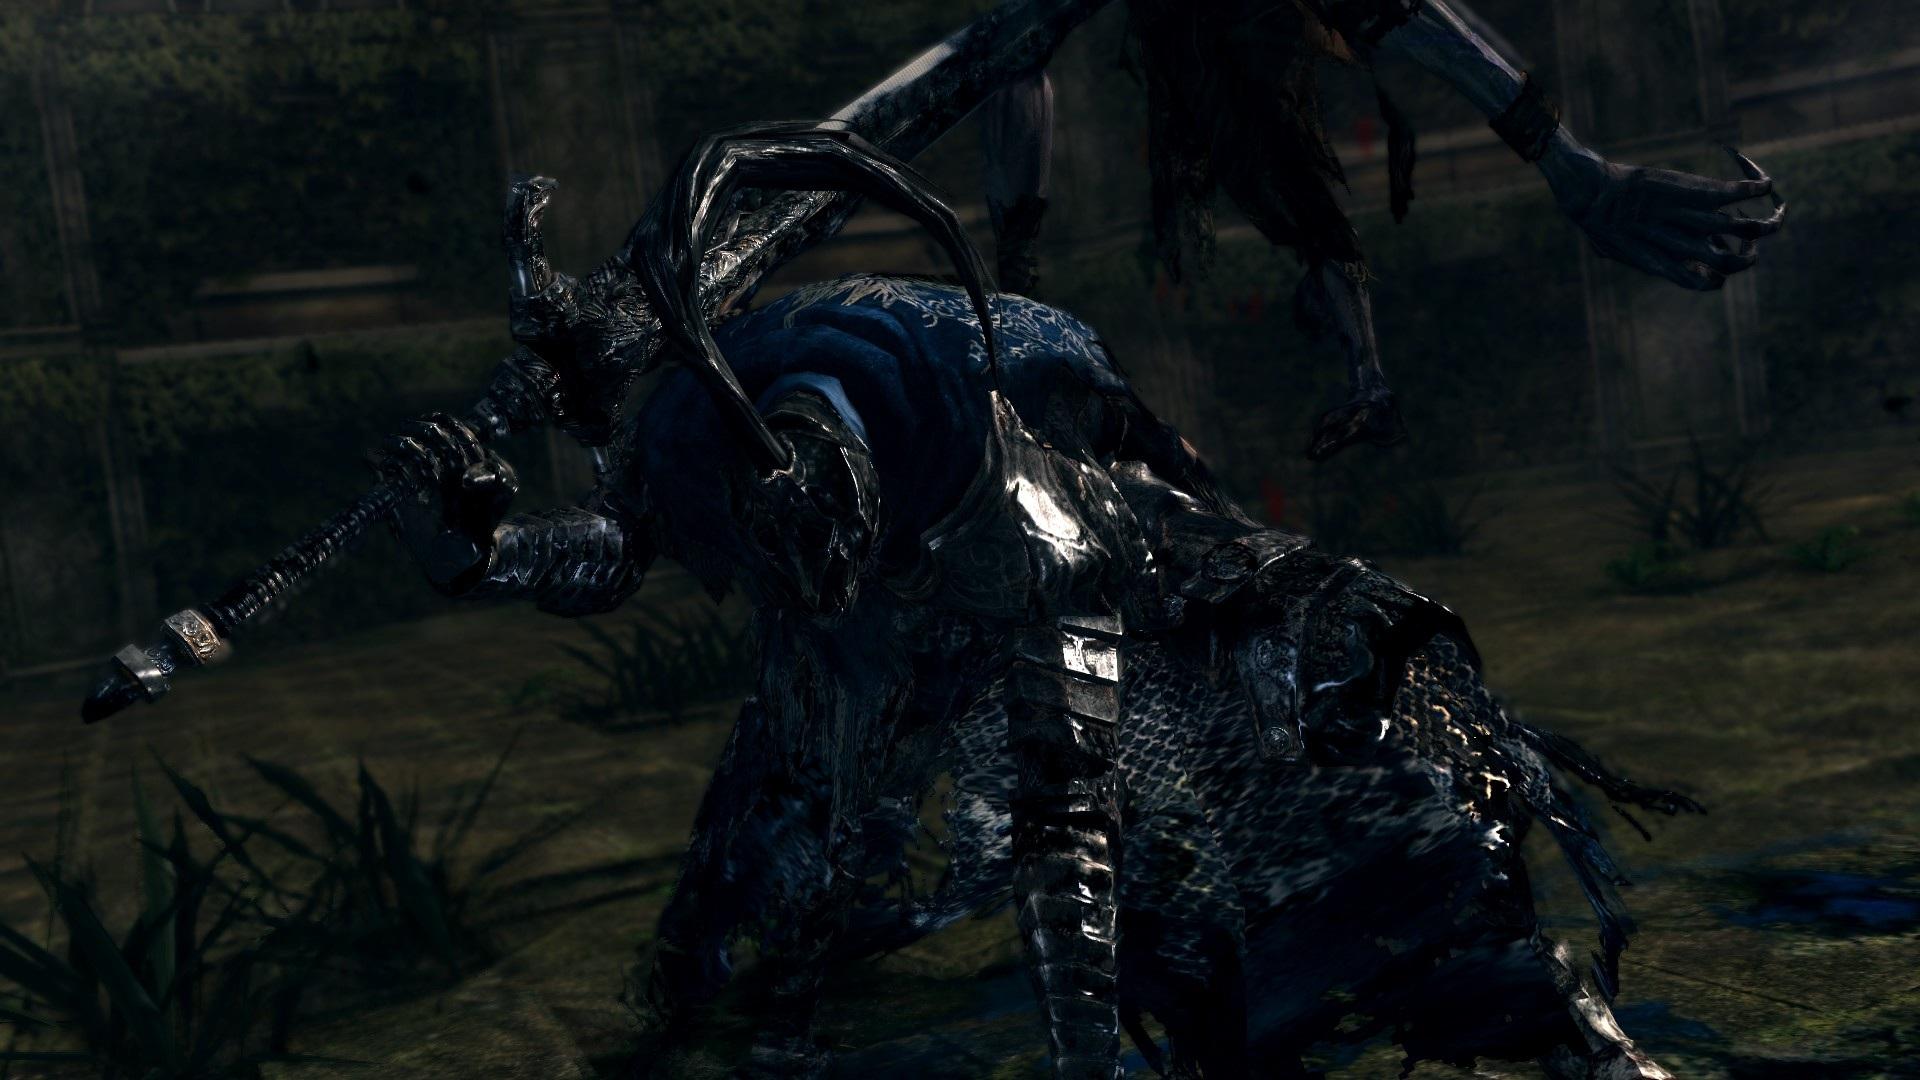 dark souls artorias de the abyss' review: like a black knight out de